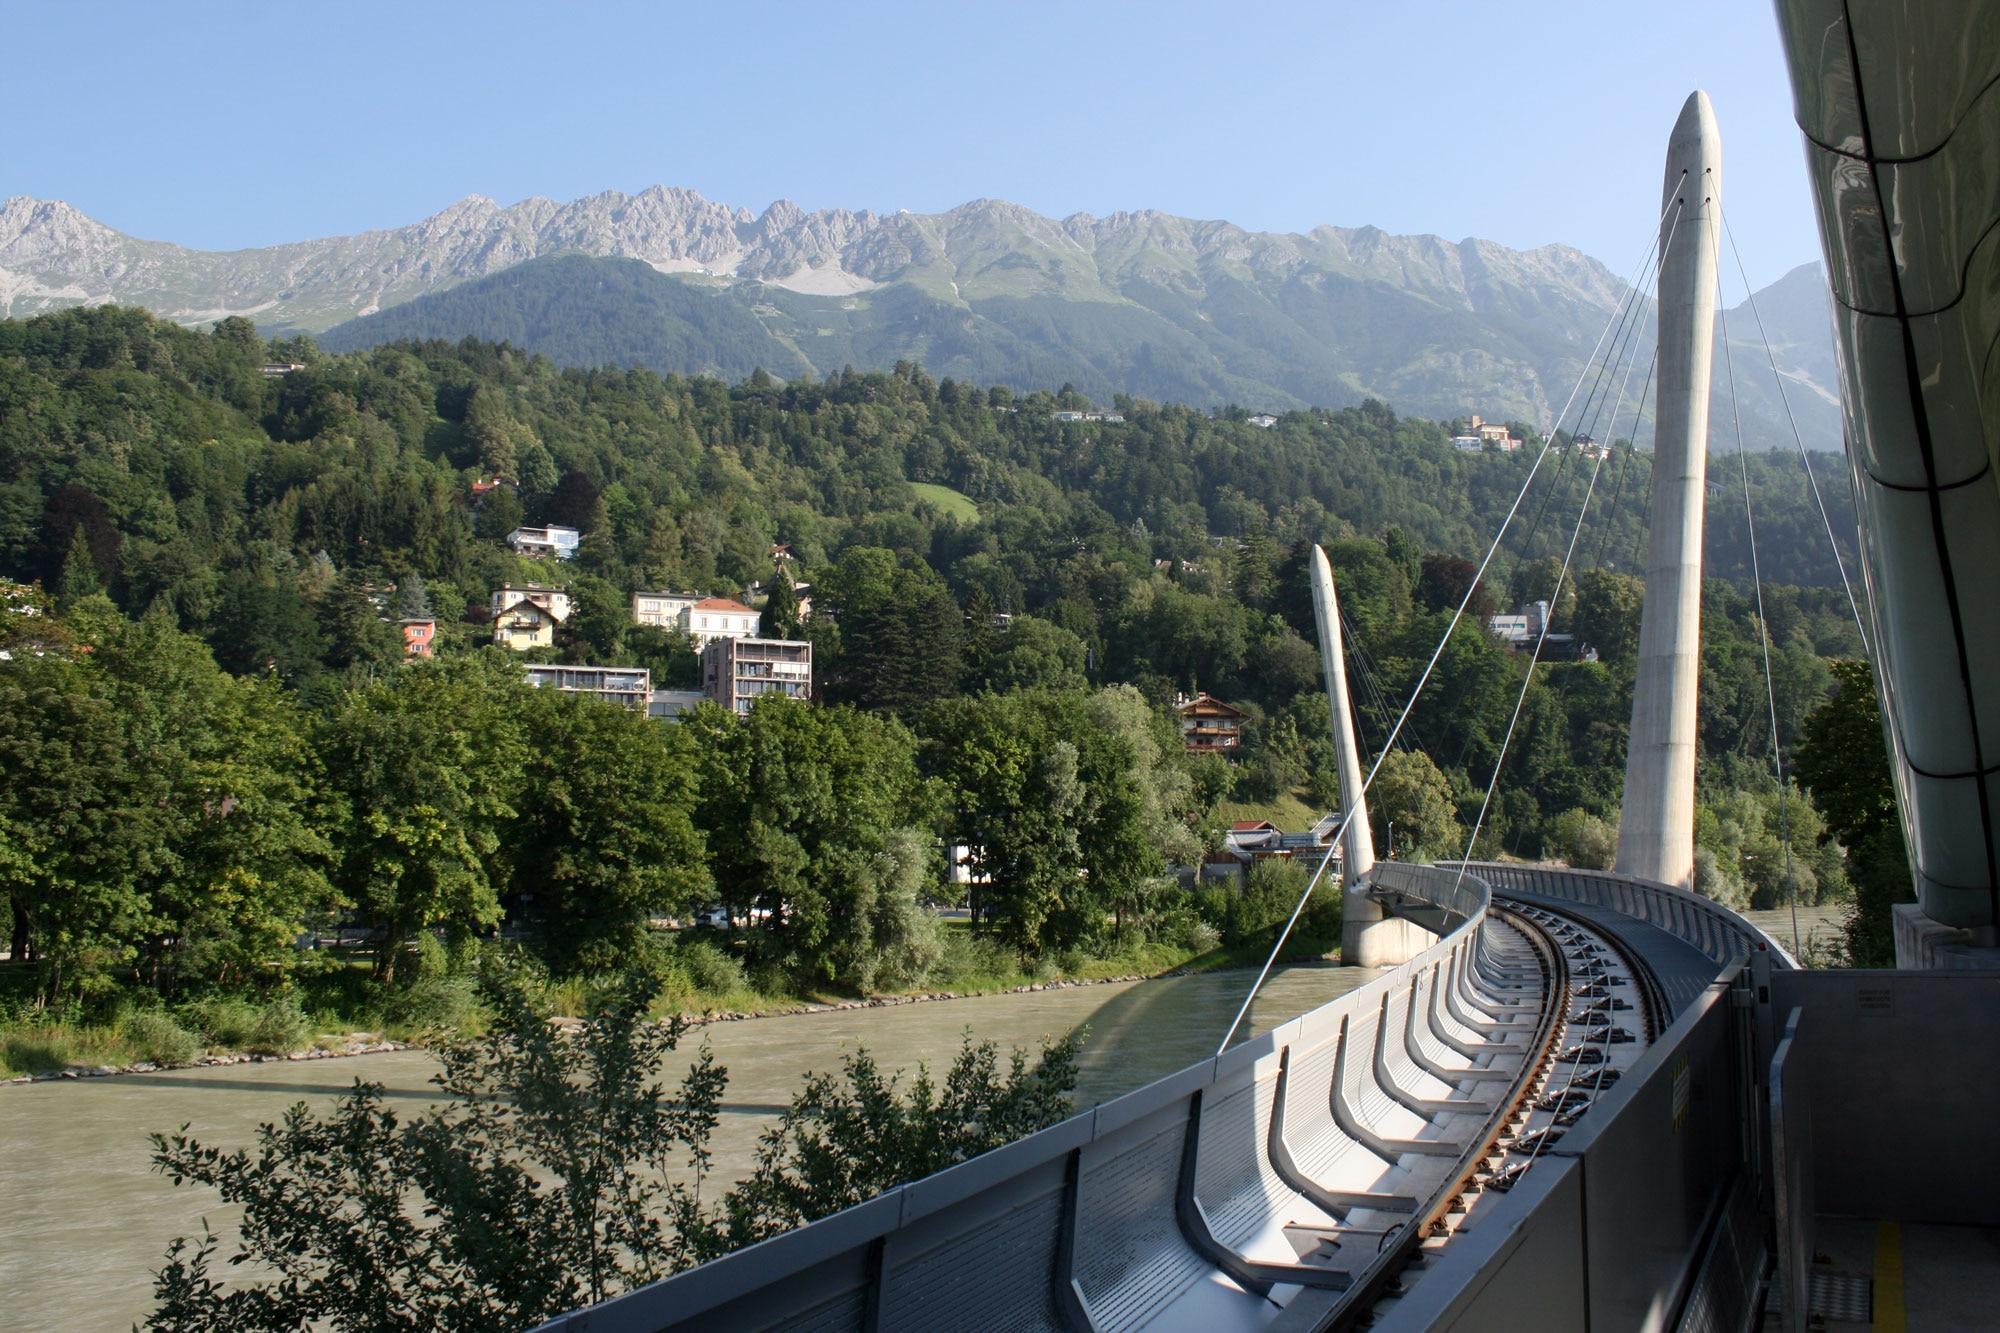 Klettersteigset Innsbruck : Innsbrucker klettersteig seegrubenbahn tourentipp